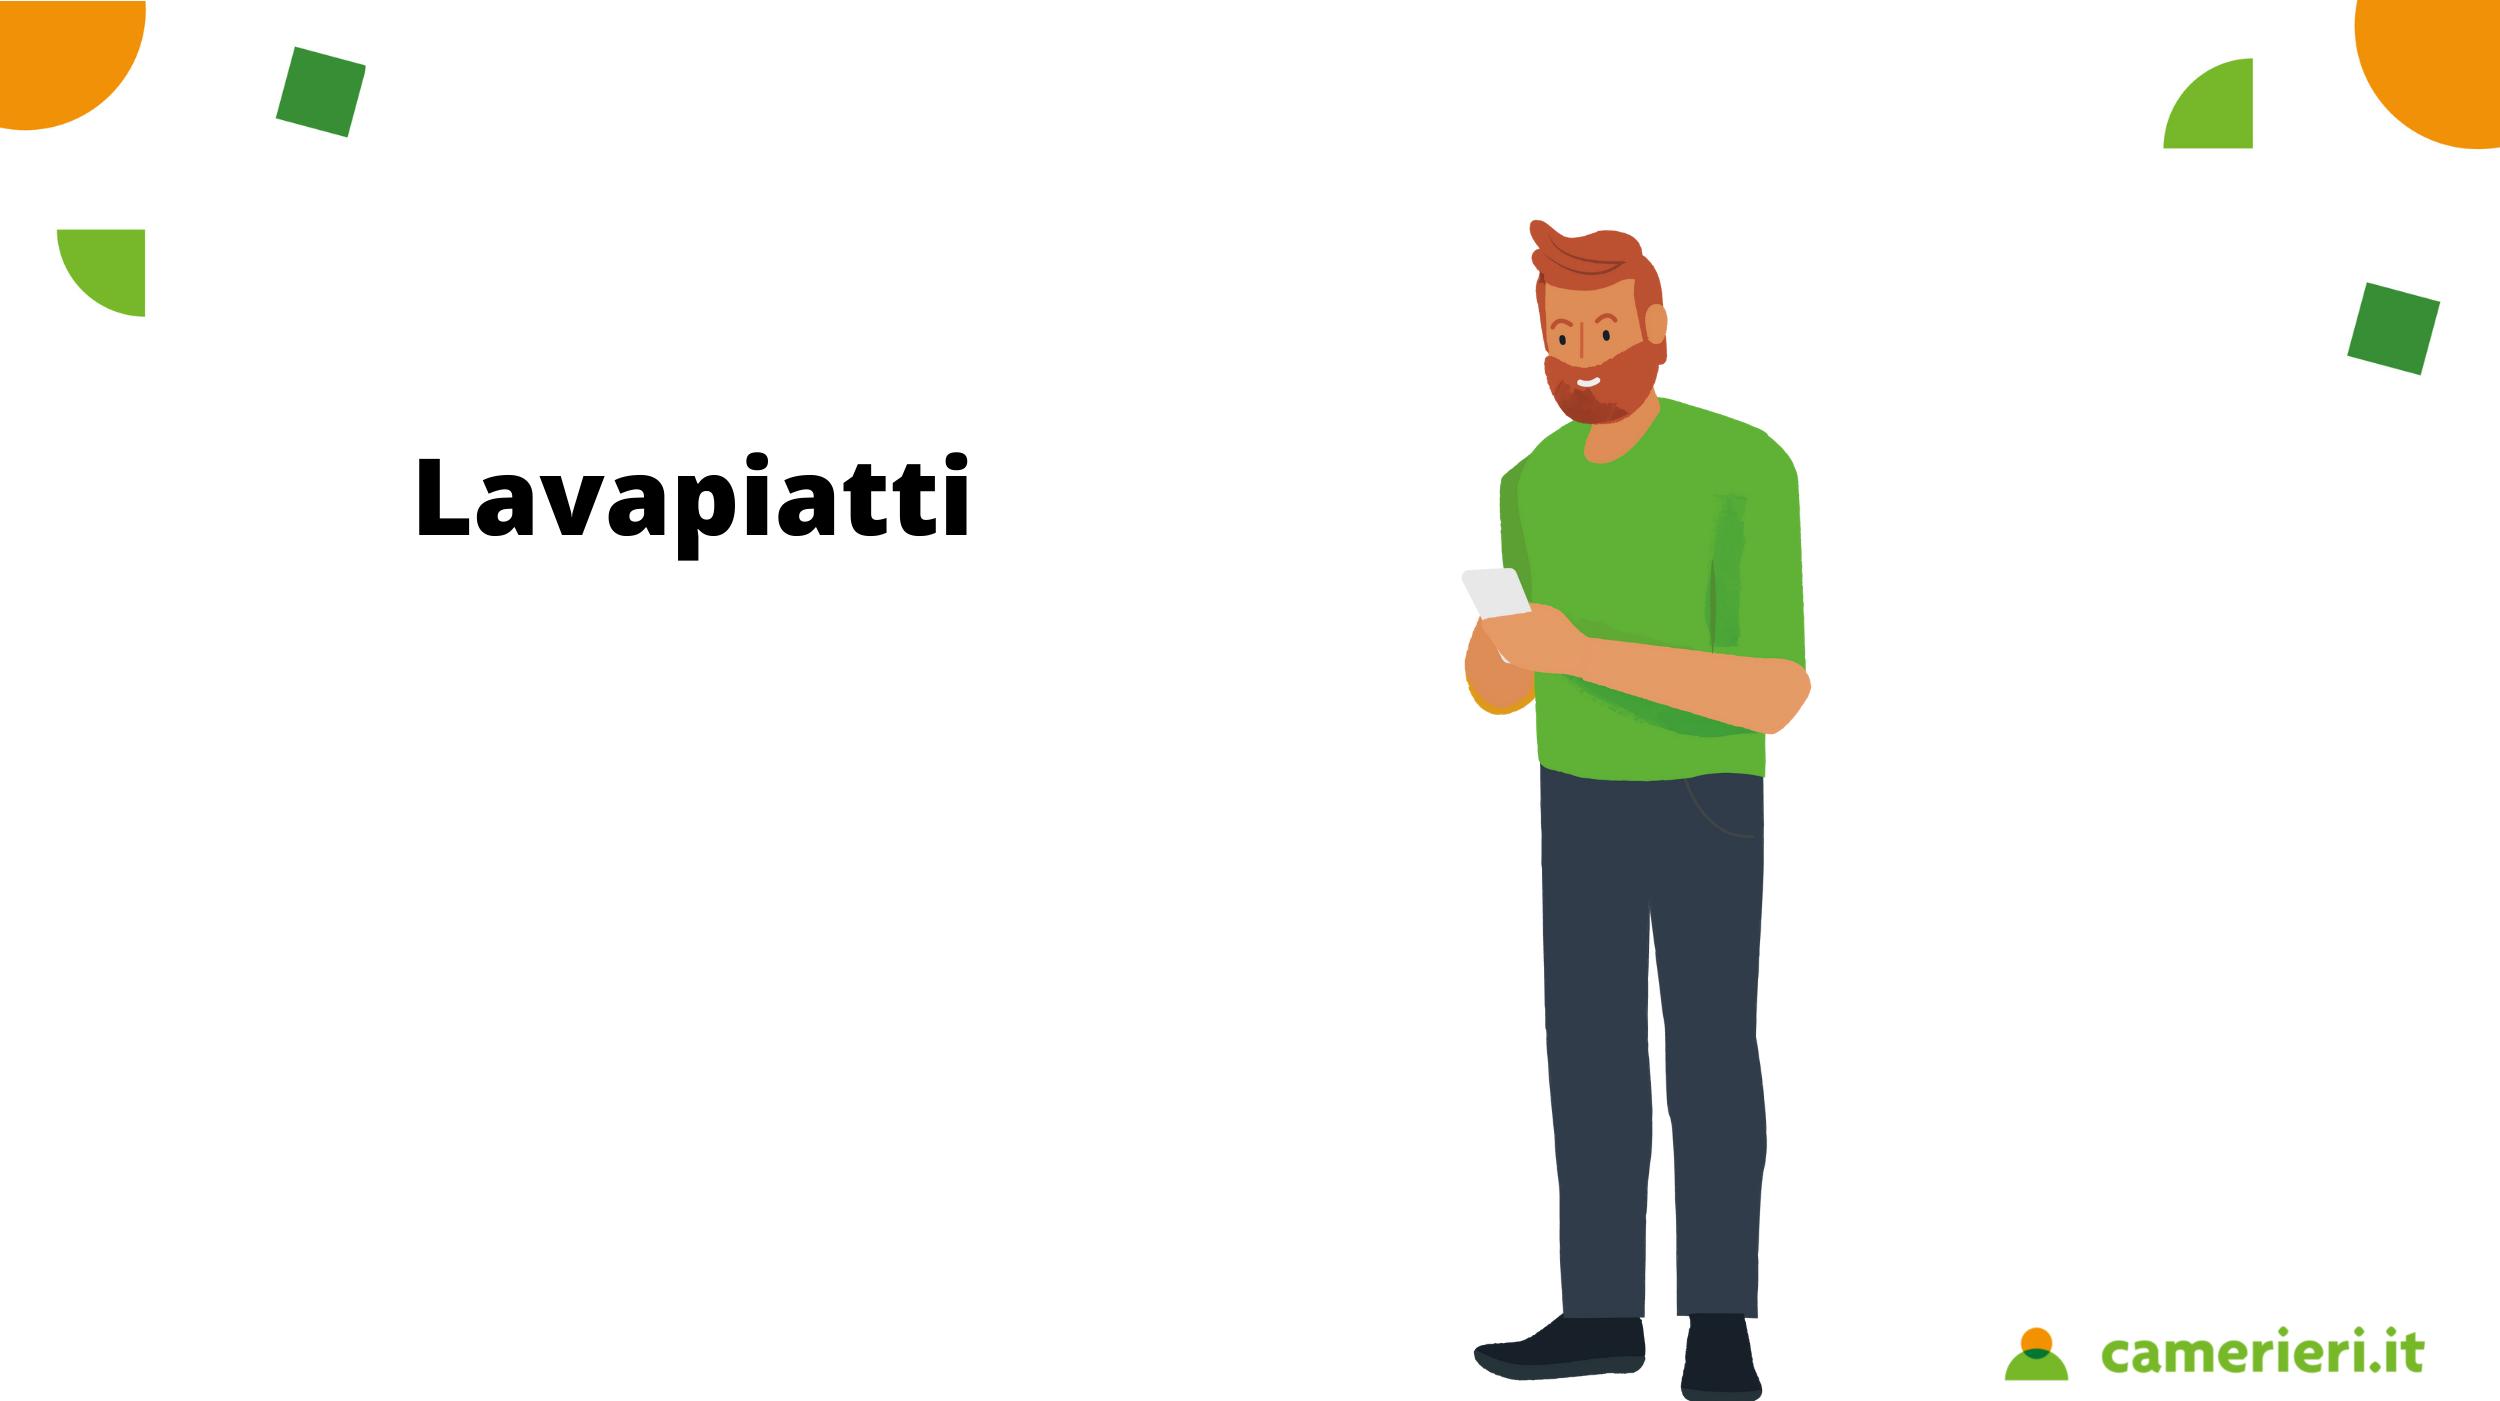 Stipendio lavapiatti in Italia: quanto guadagna e mansioni